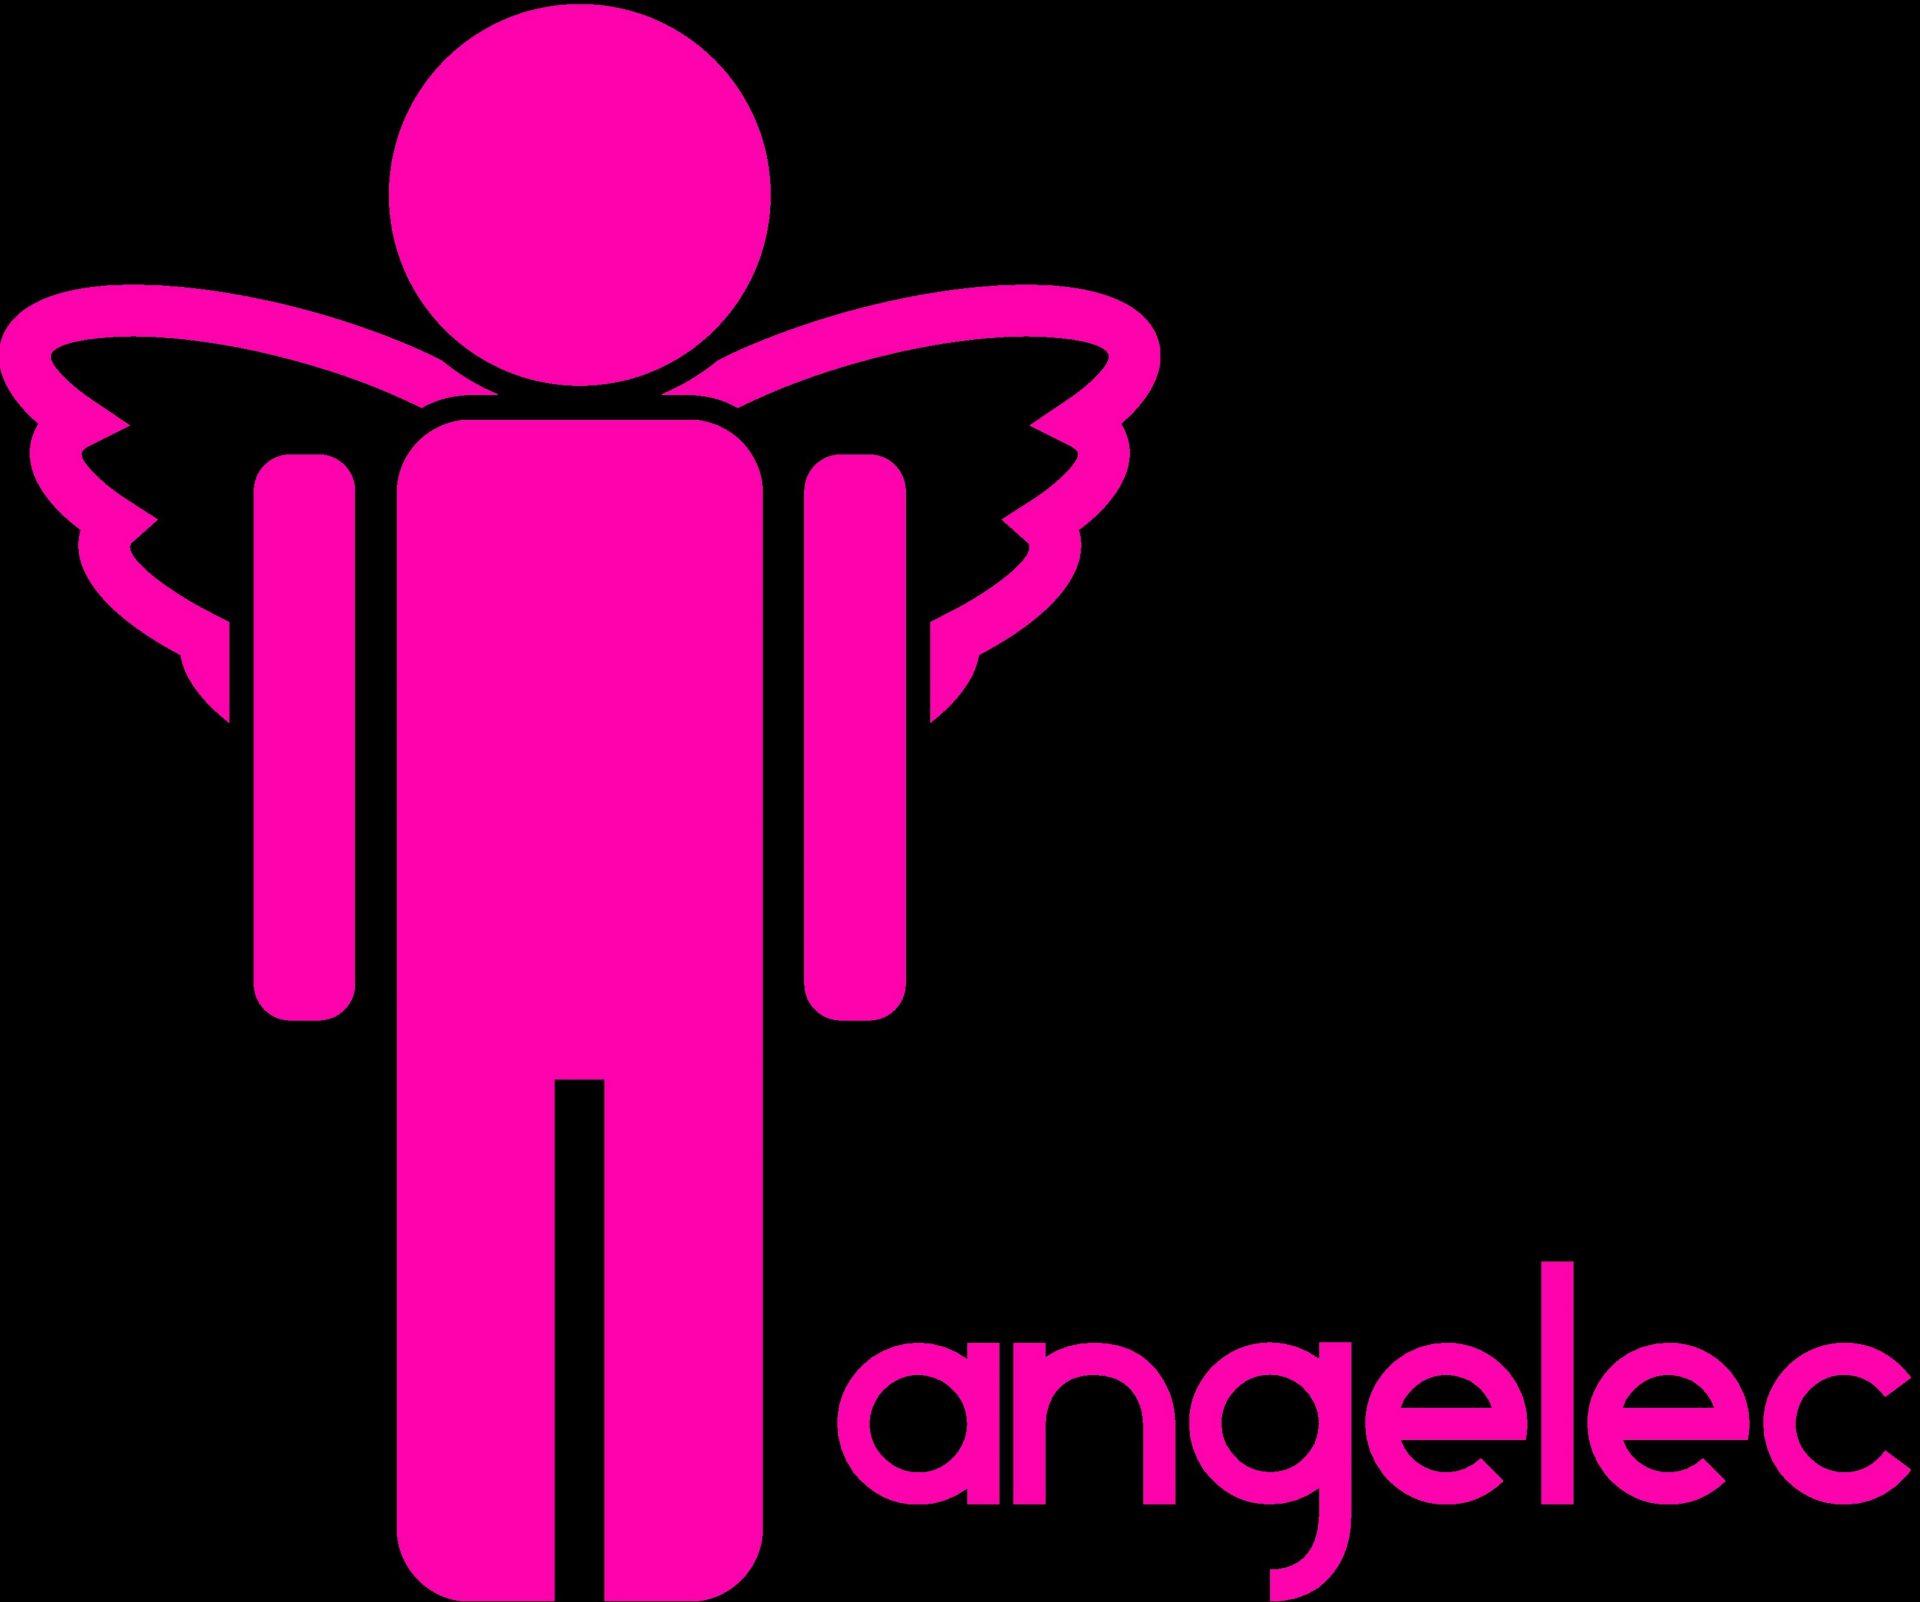 angelec